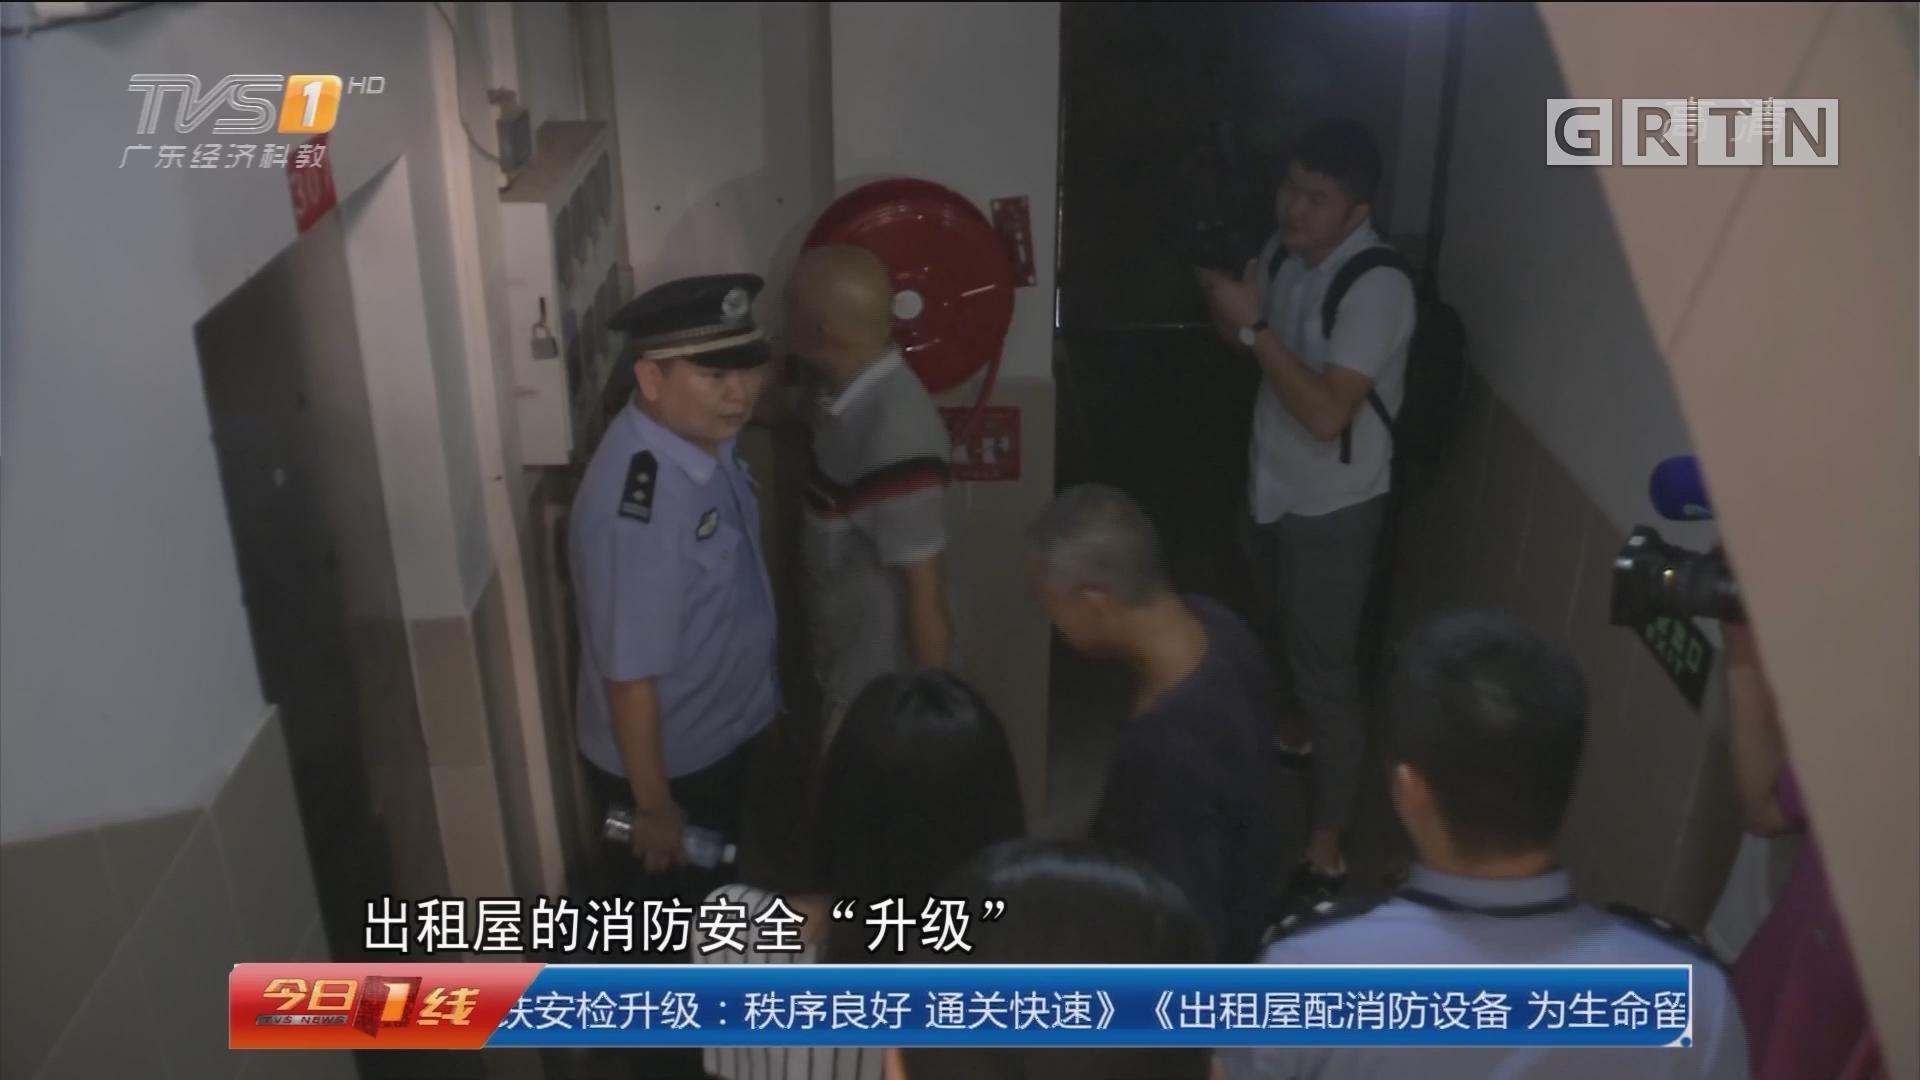 佛山禅城:出租屋配消防设备 为生命留生路